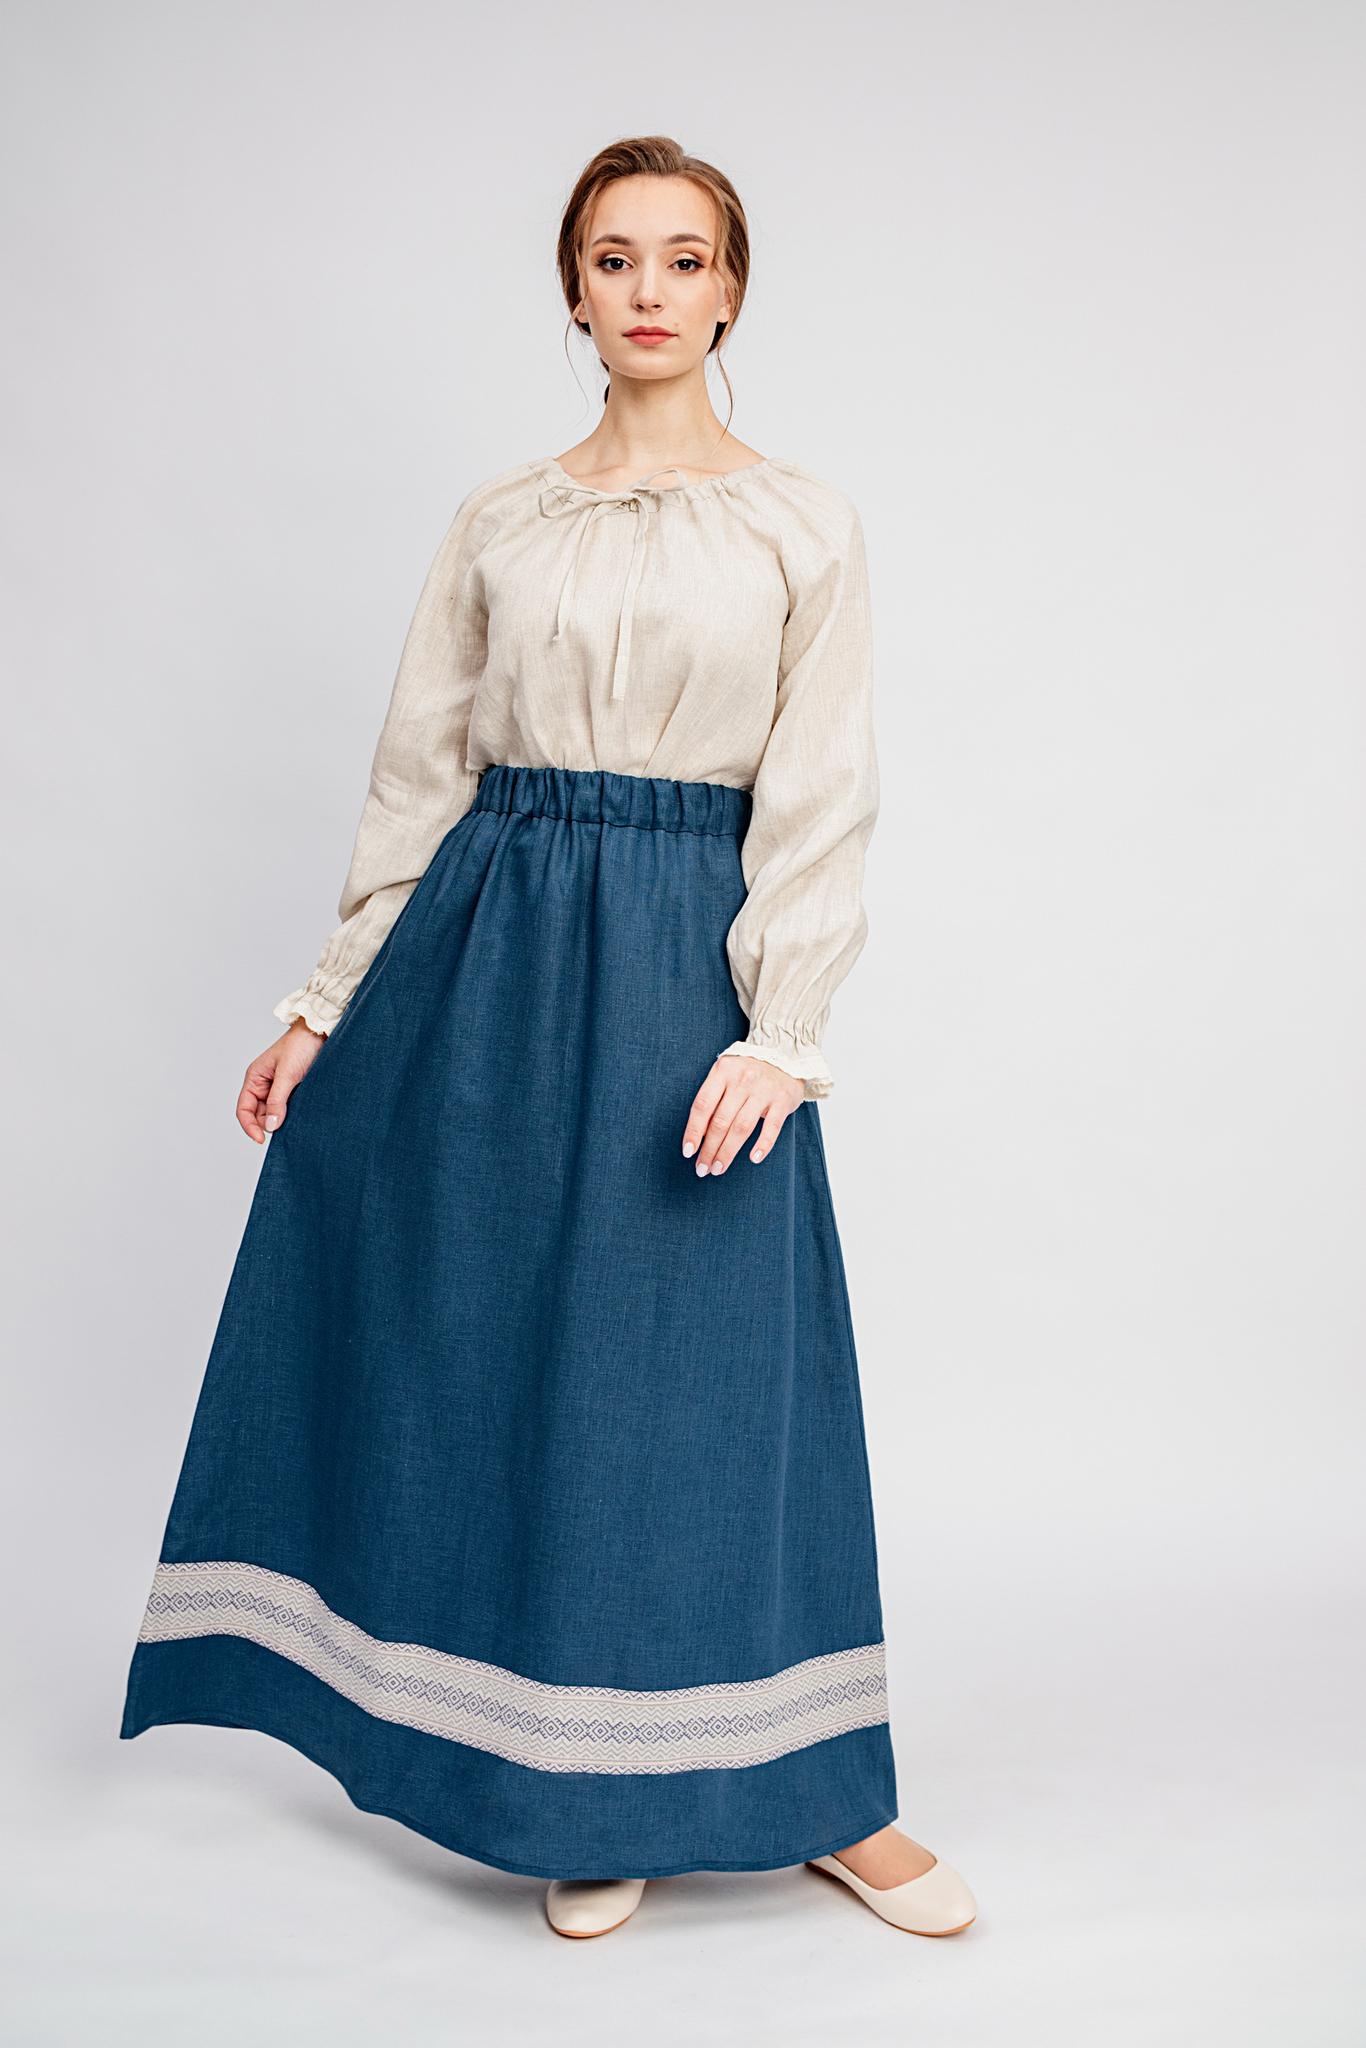 Льняная юбка Черника